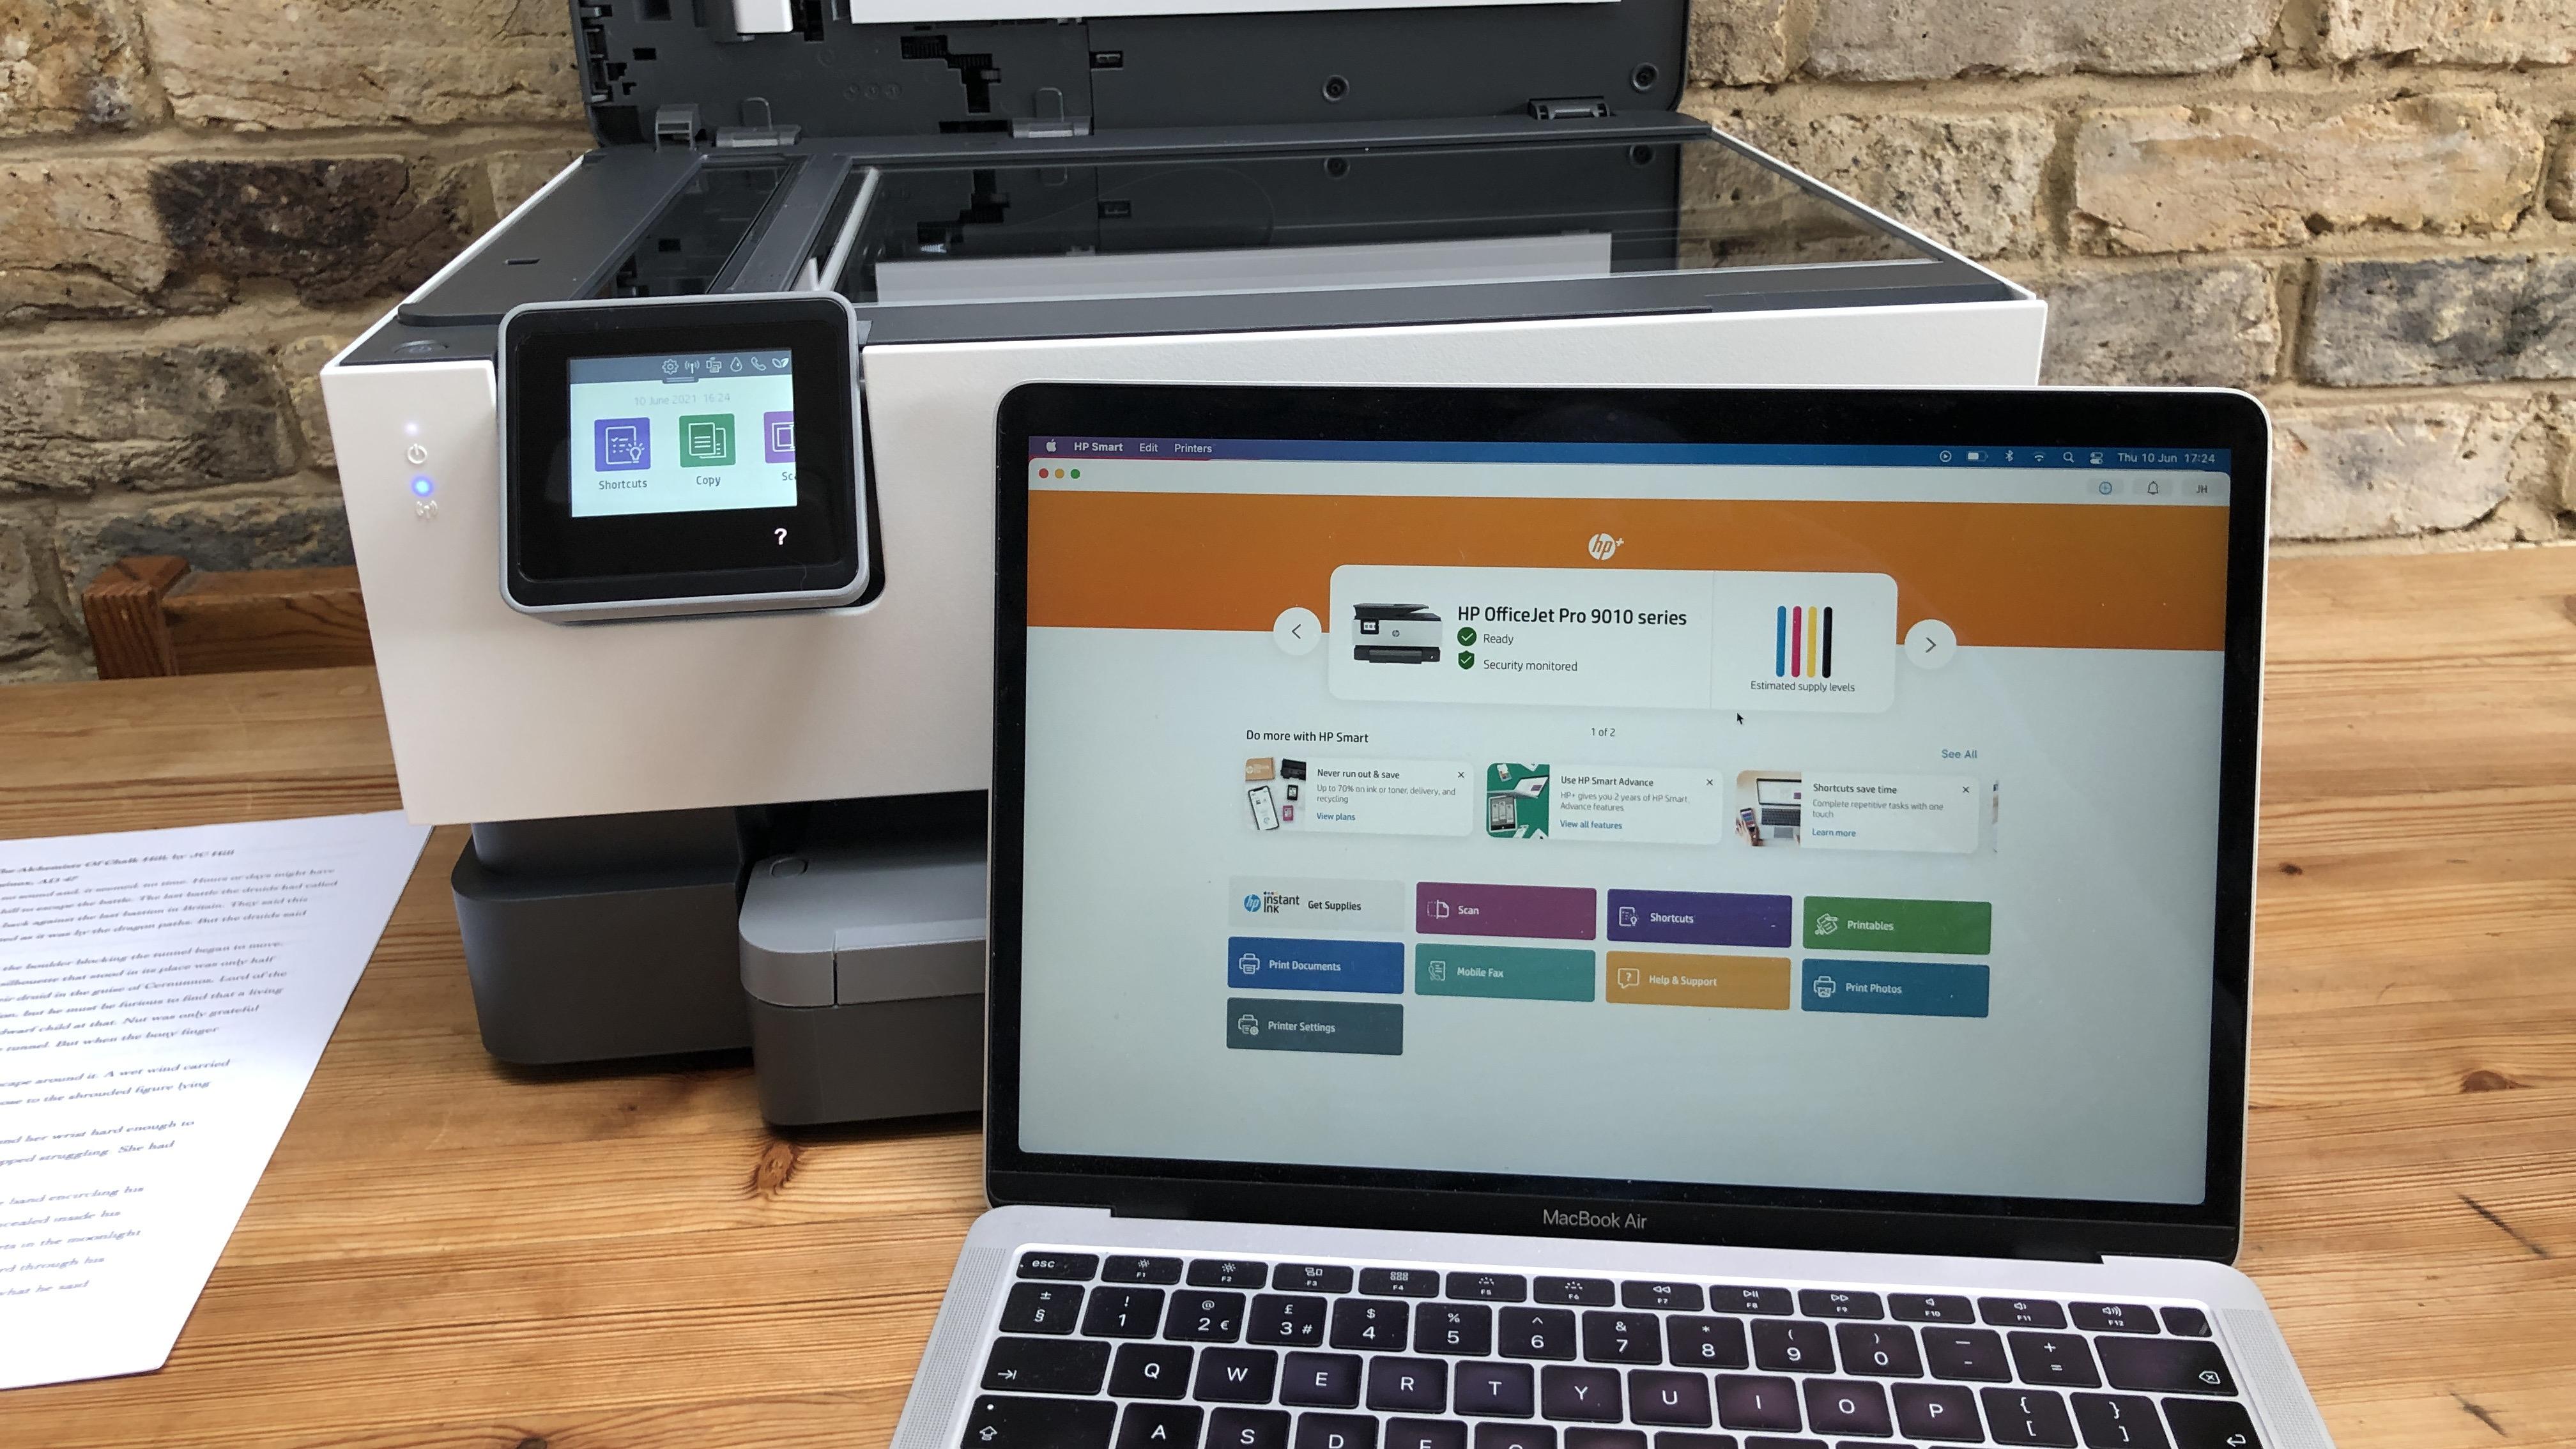 Aplicación HP OfficeJet Pro 9010e